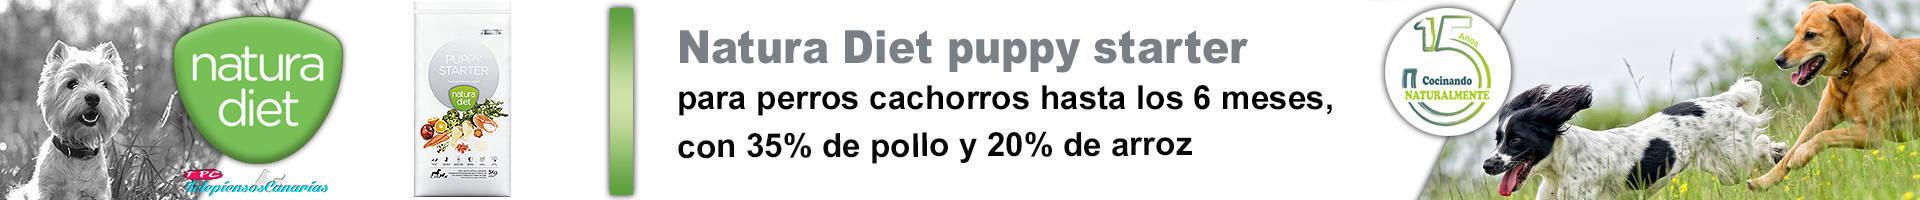 Natura diet puppy starter para cachorros y madres gestantes